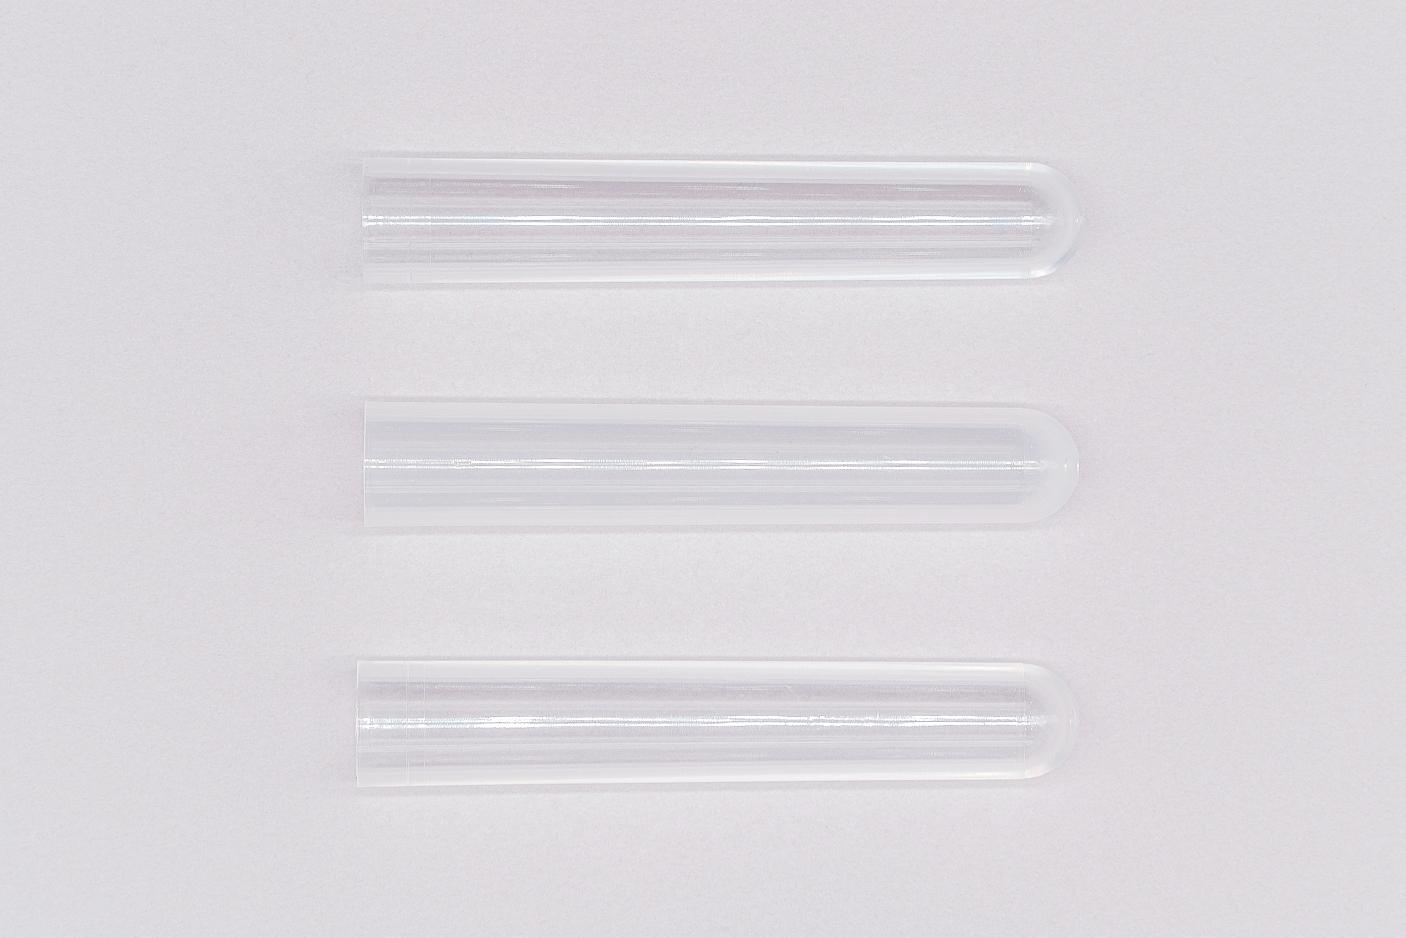 分注用 子検体用 プラスチック チューブ2